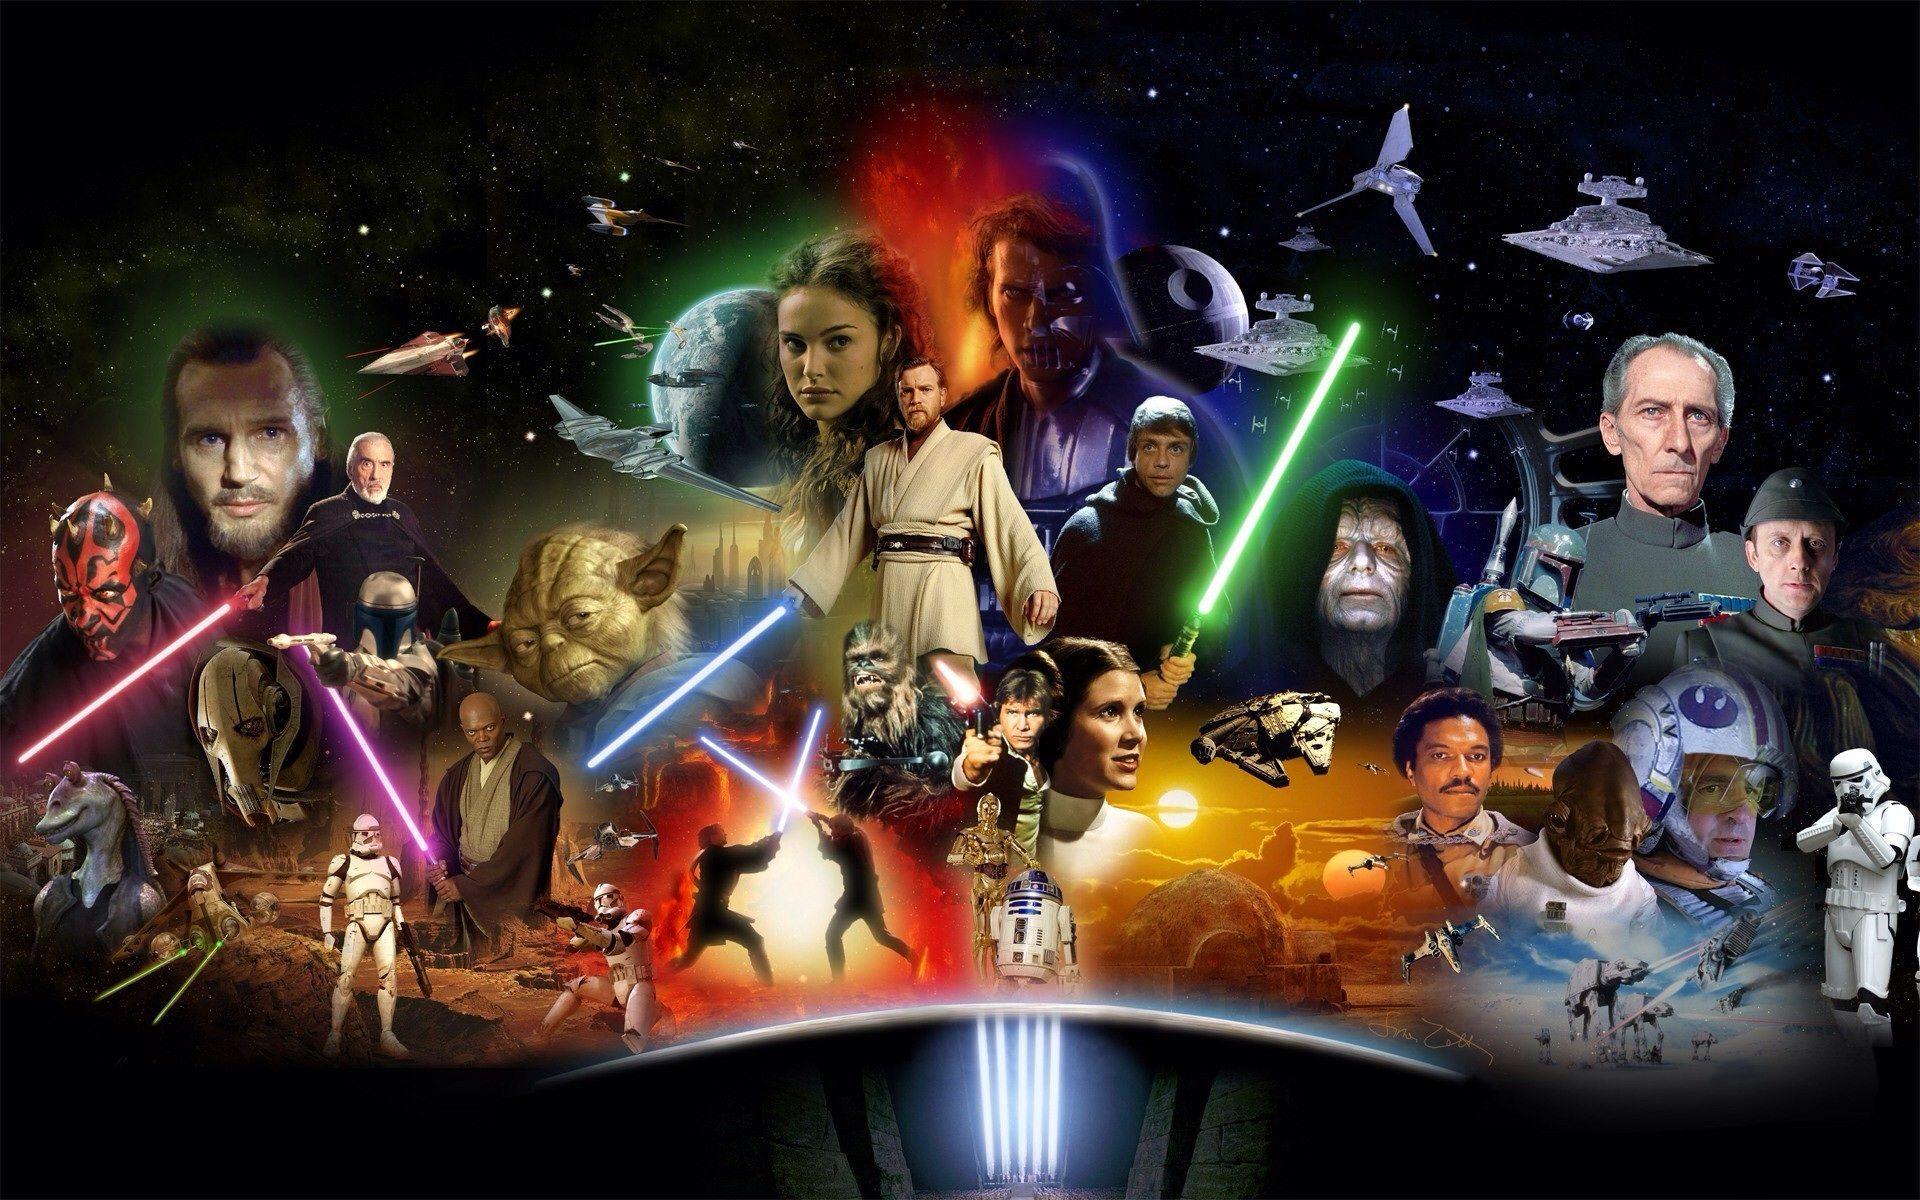 بهترین ترتیب برای تماشای جنگ ستارگان